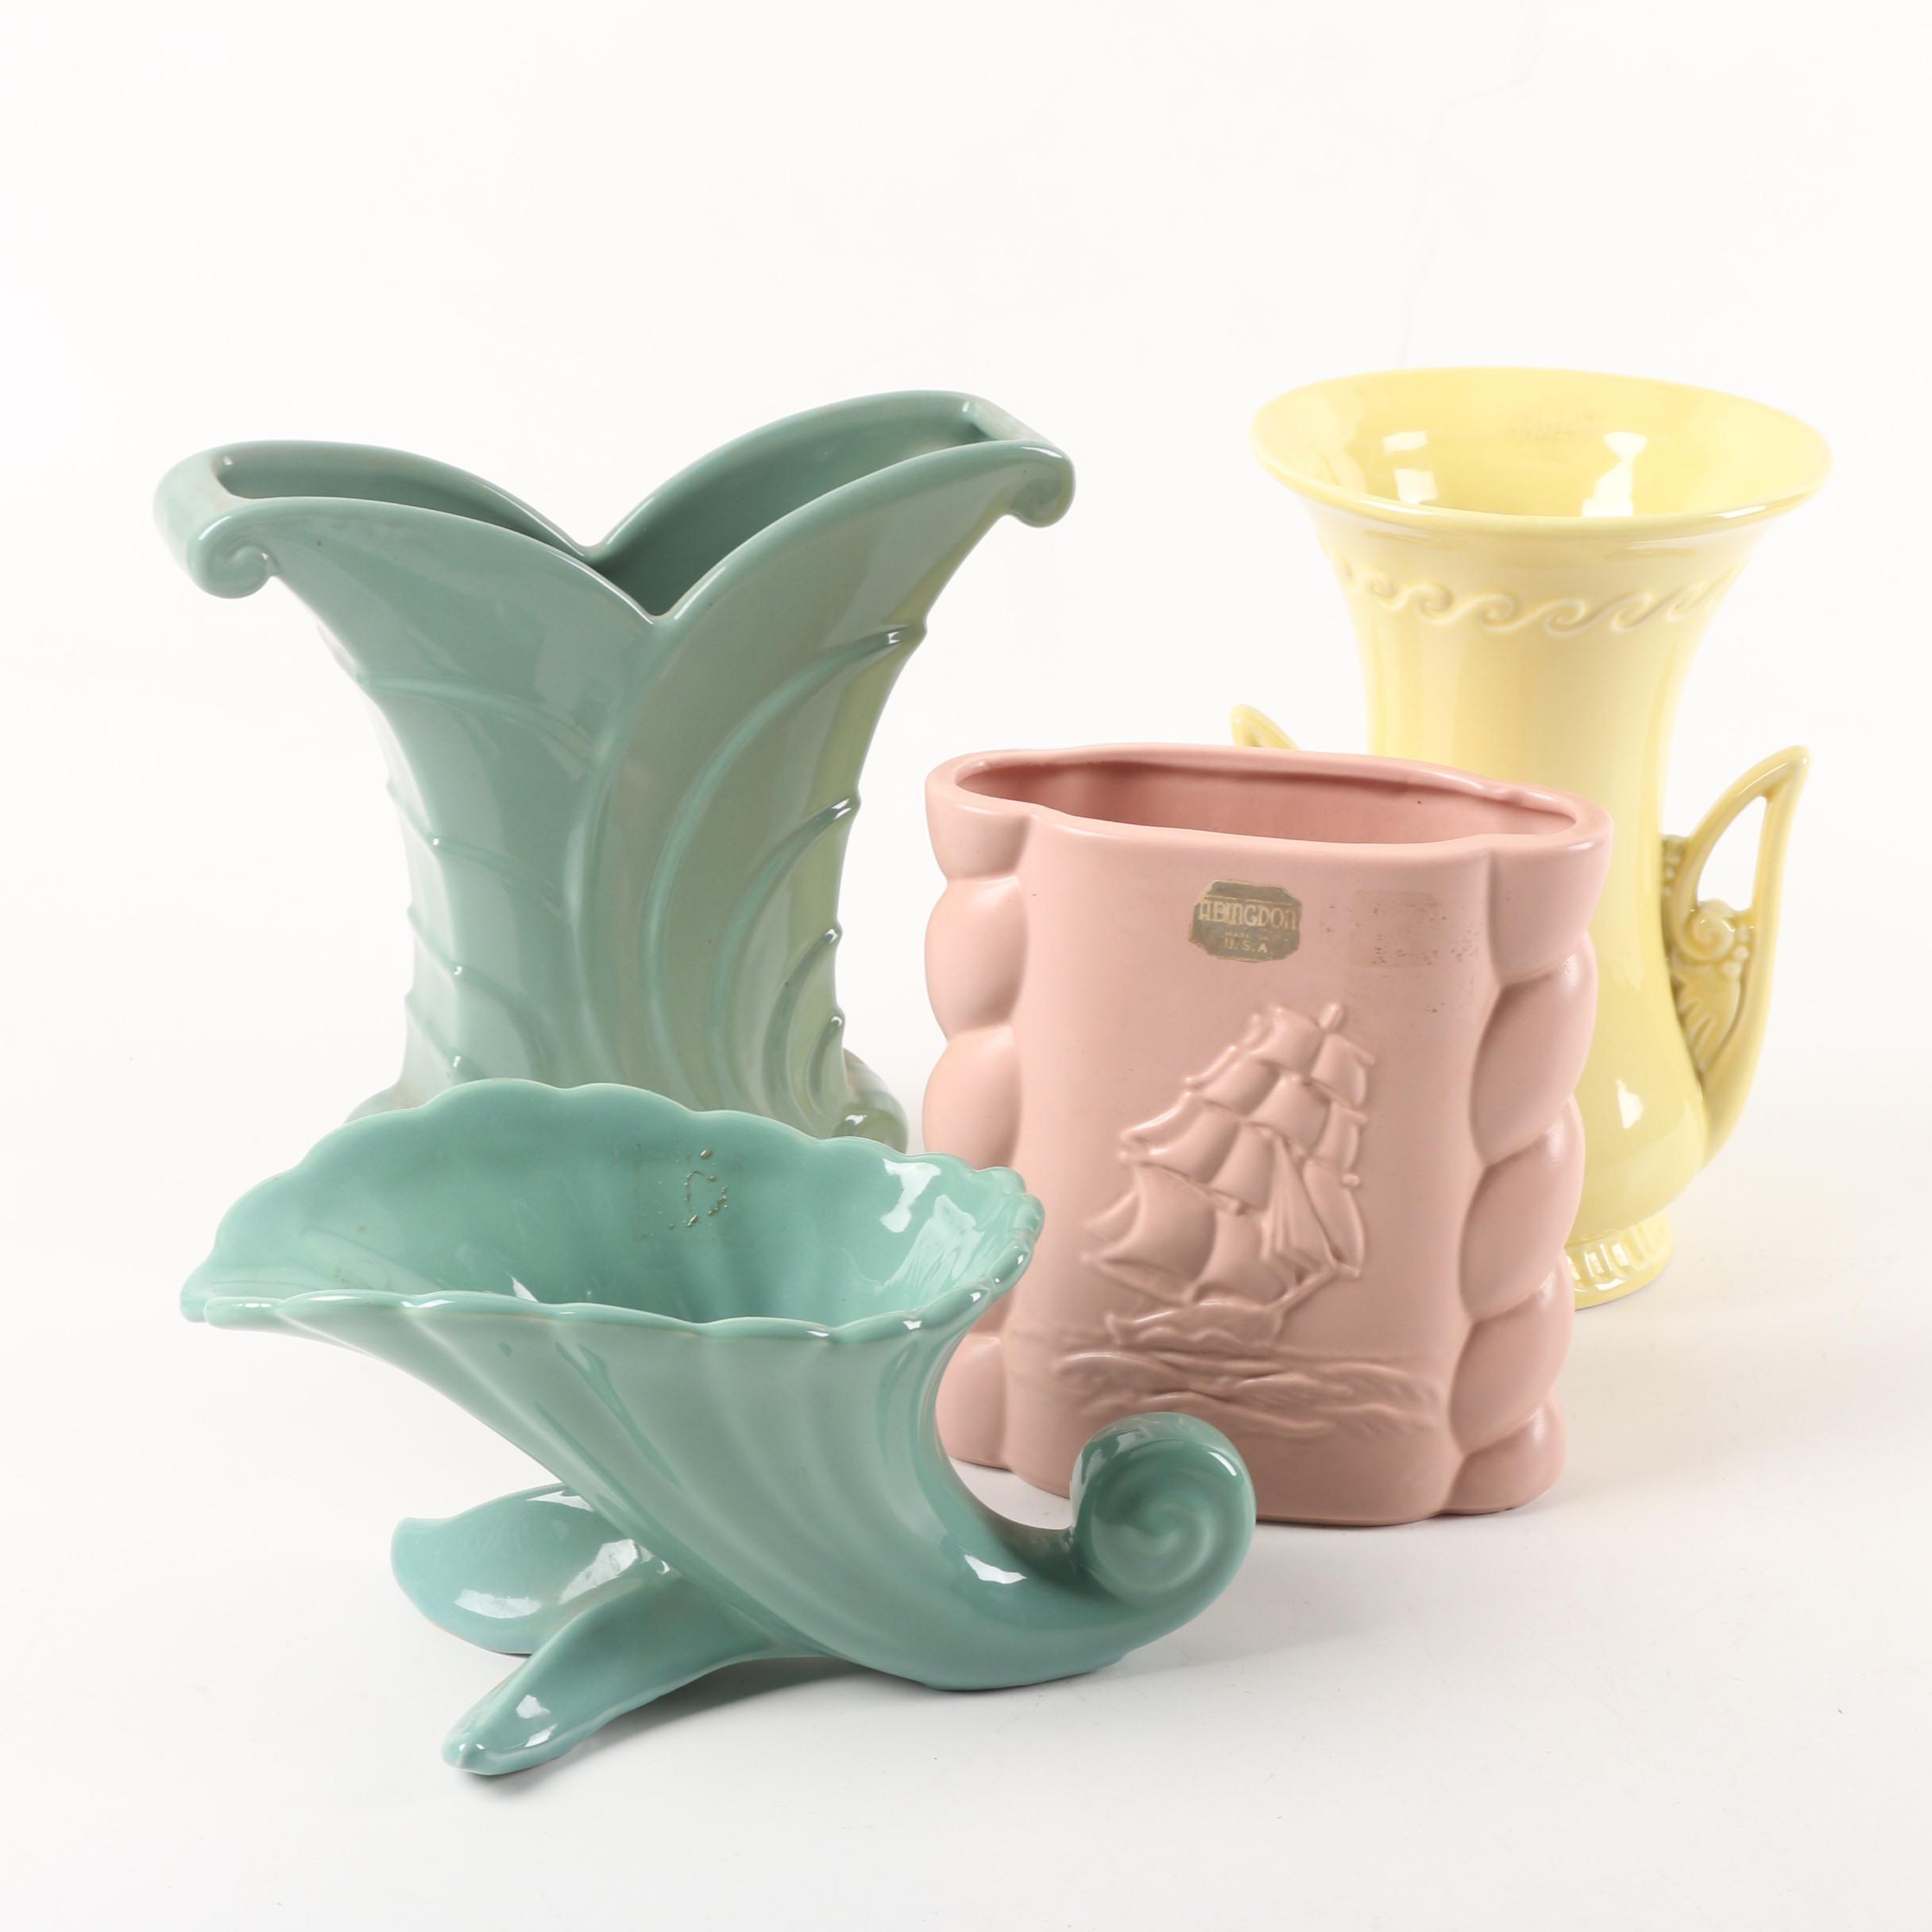 Abingdon Ceramic Planters and Vases